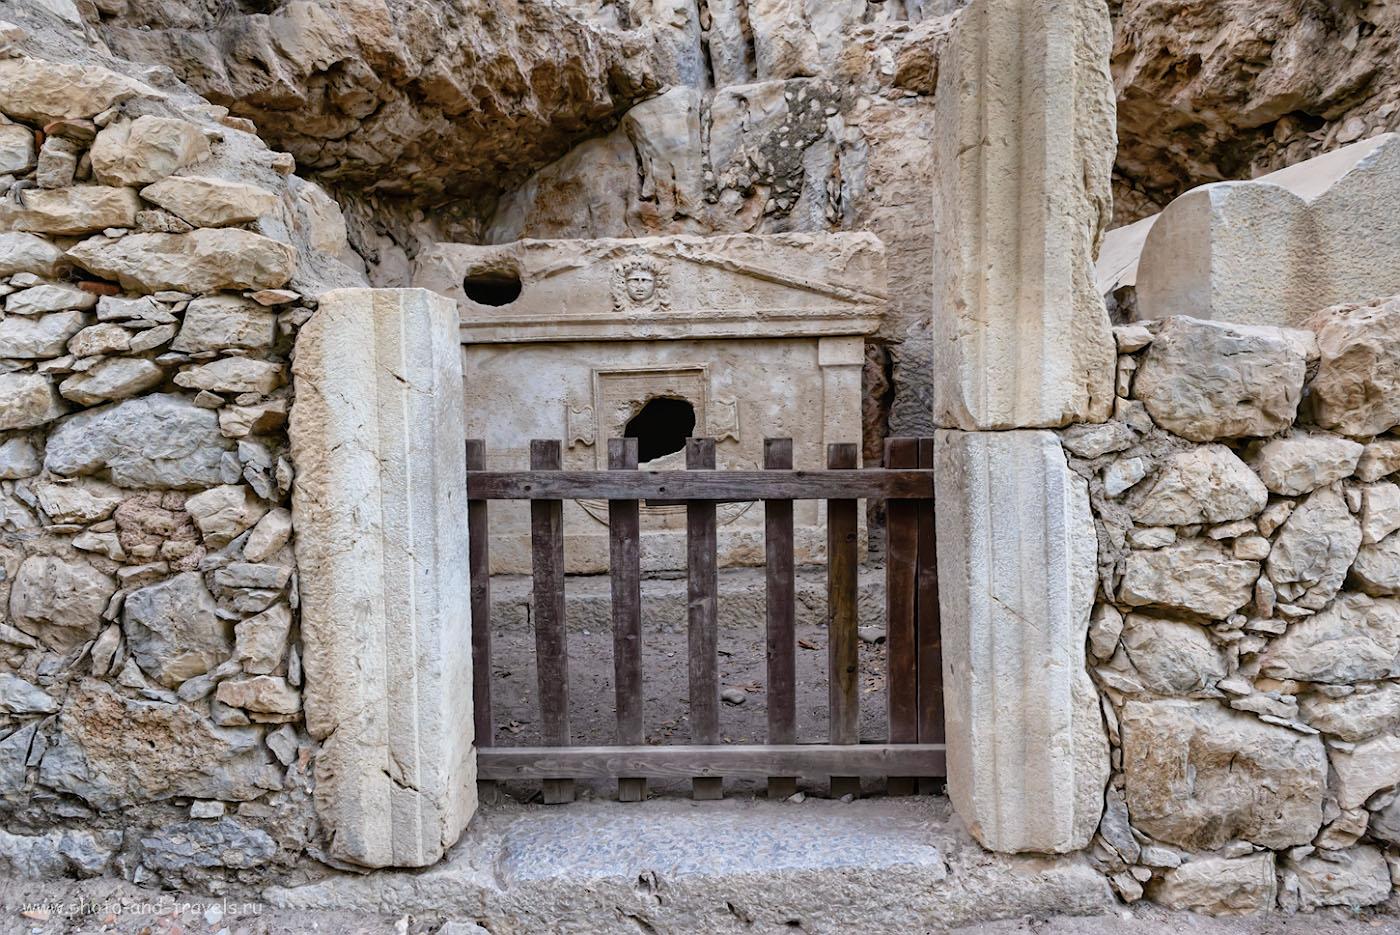 Фото 21. Саркофаг капитана Эвдемоса (Sarcophagus of captain Eudemos) в античном городе Олимпос, что рядом с поселком Чиралы в Кемере. 1/50, 6.3, 1600, 54.